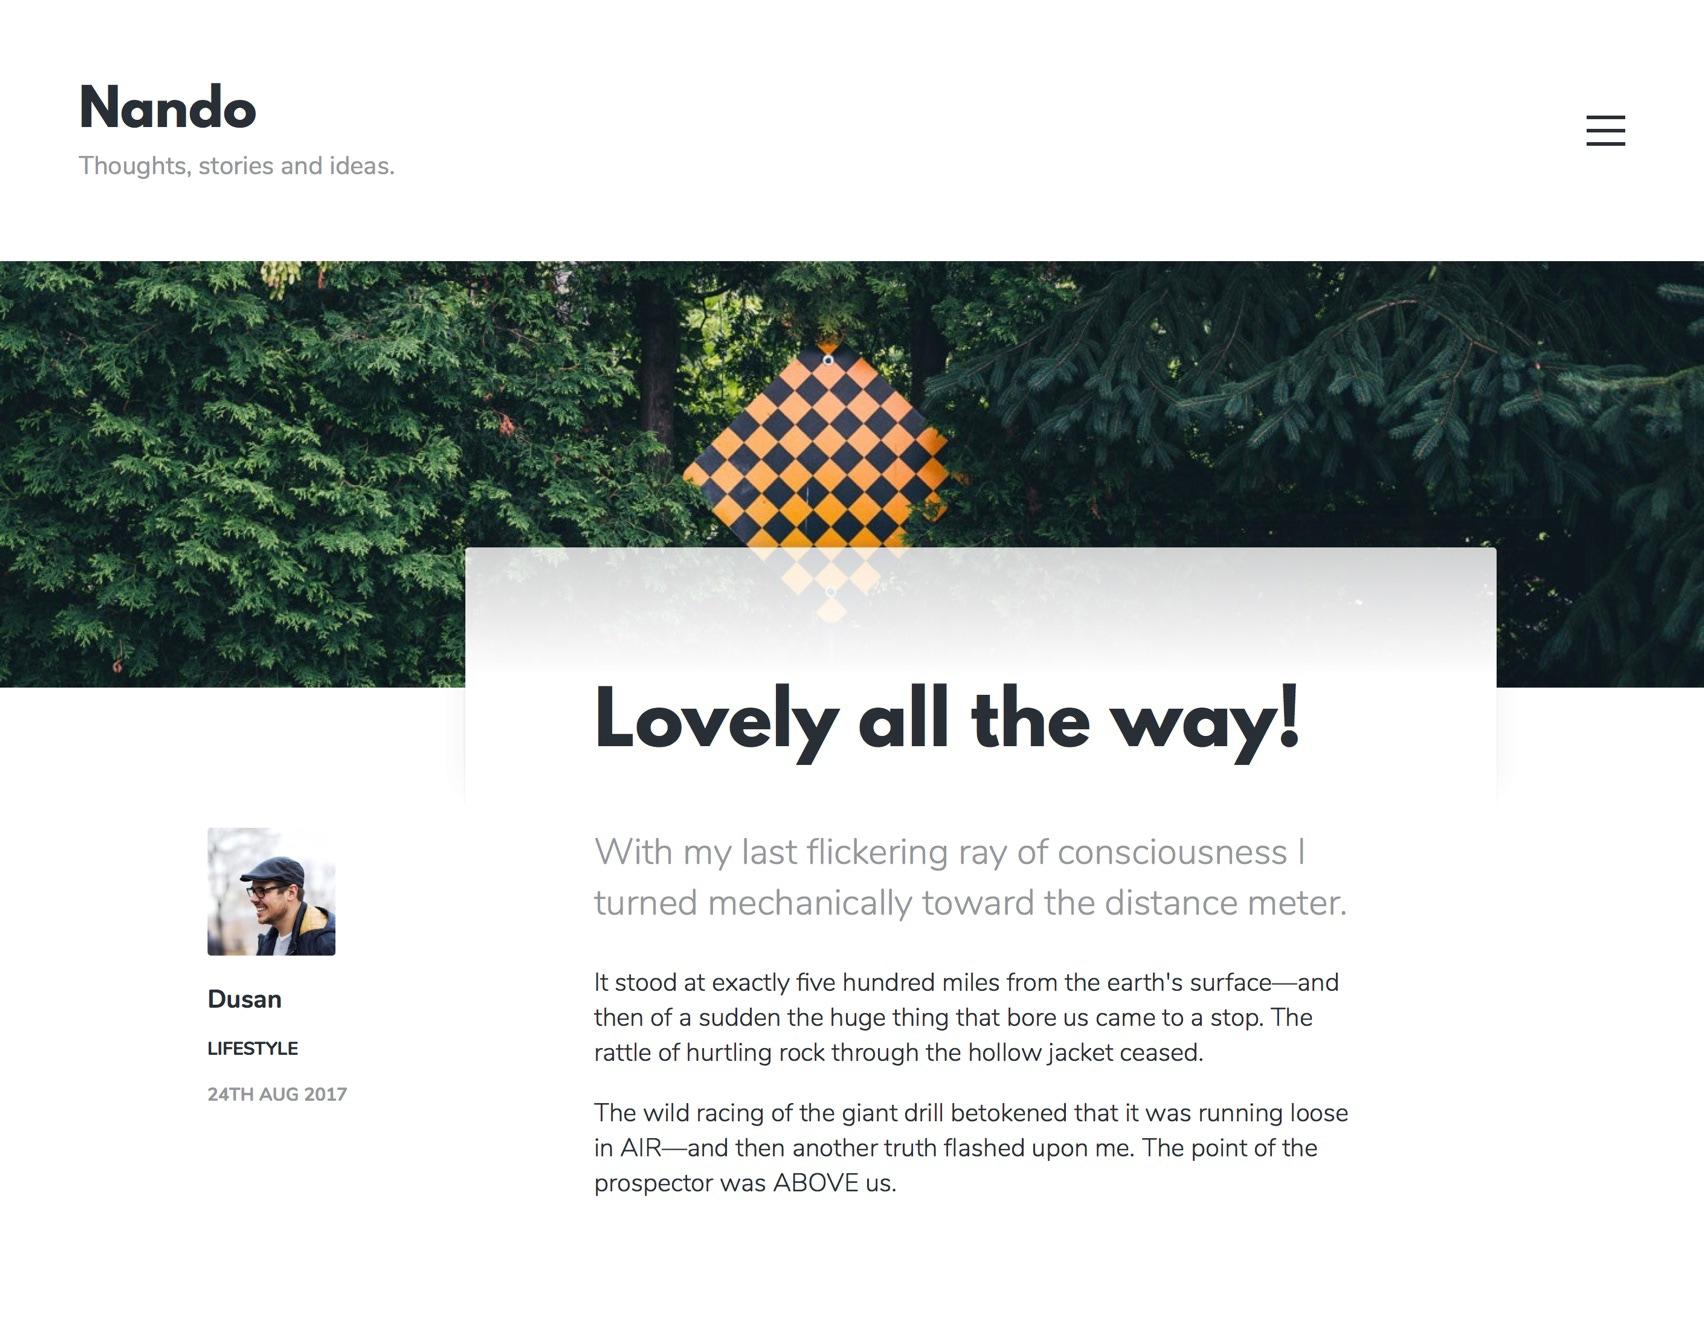 Nando Ghost theme - Post design